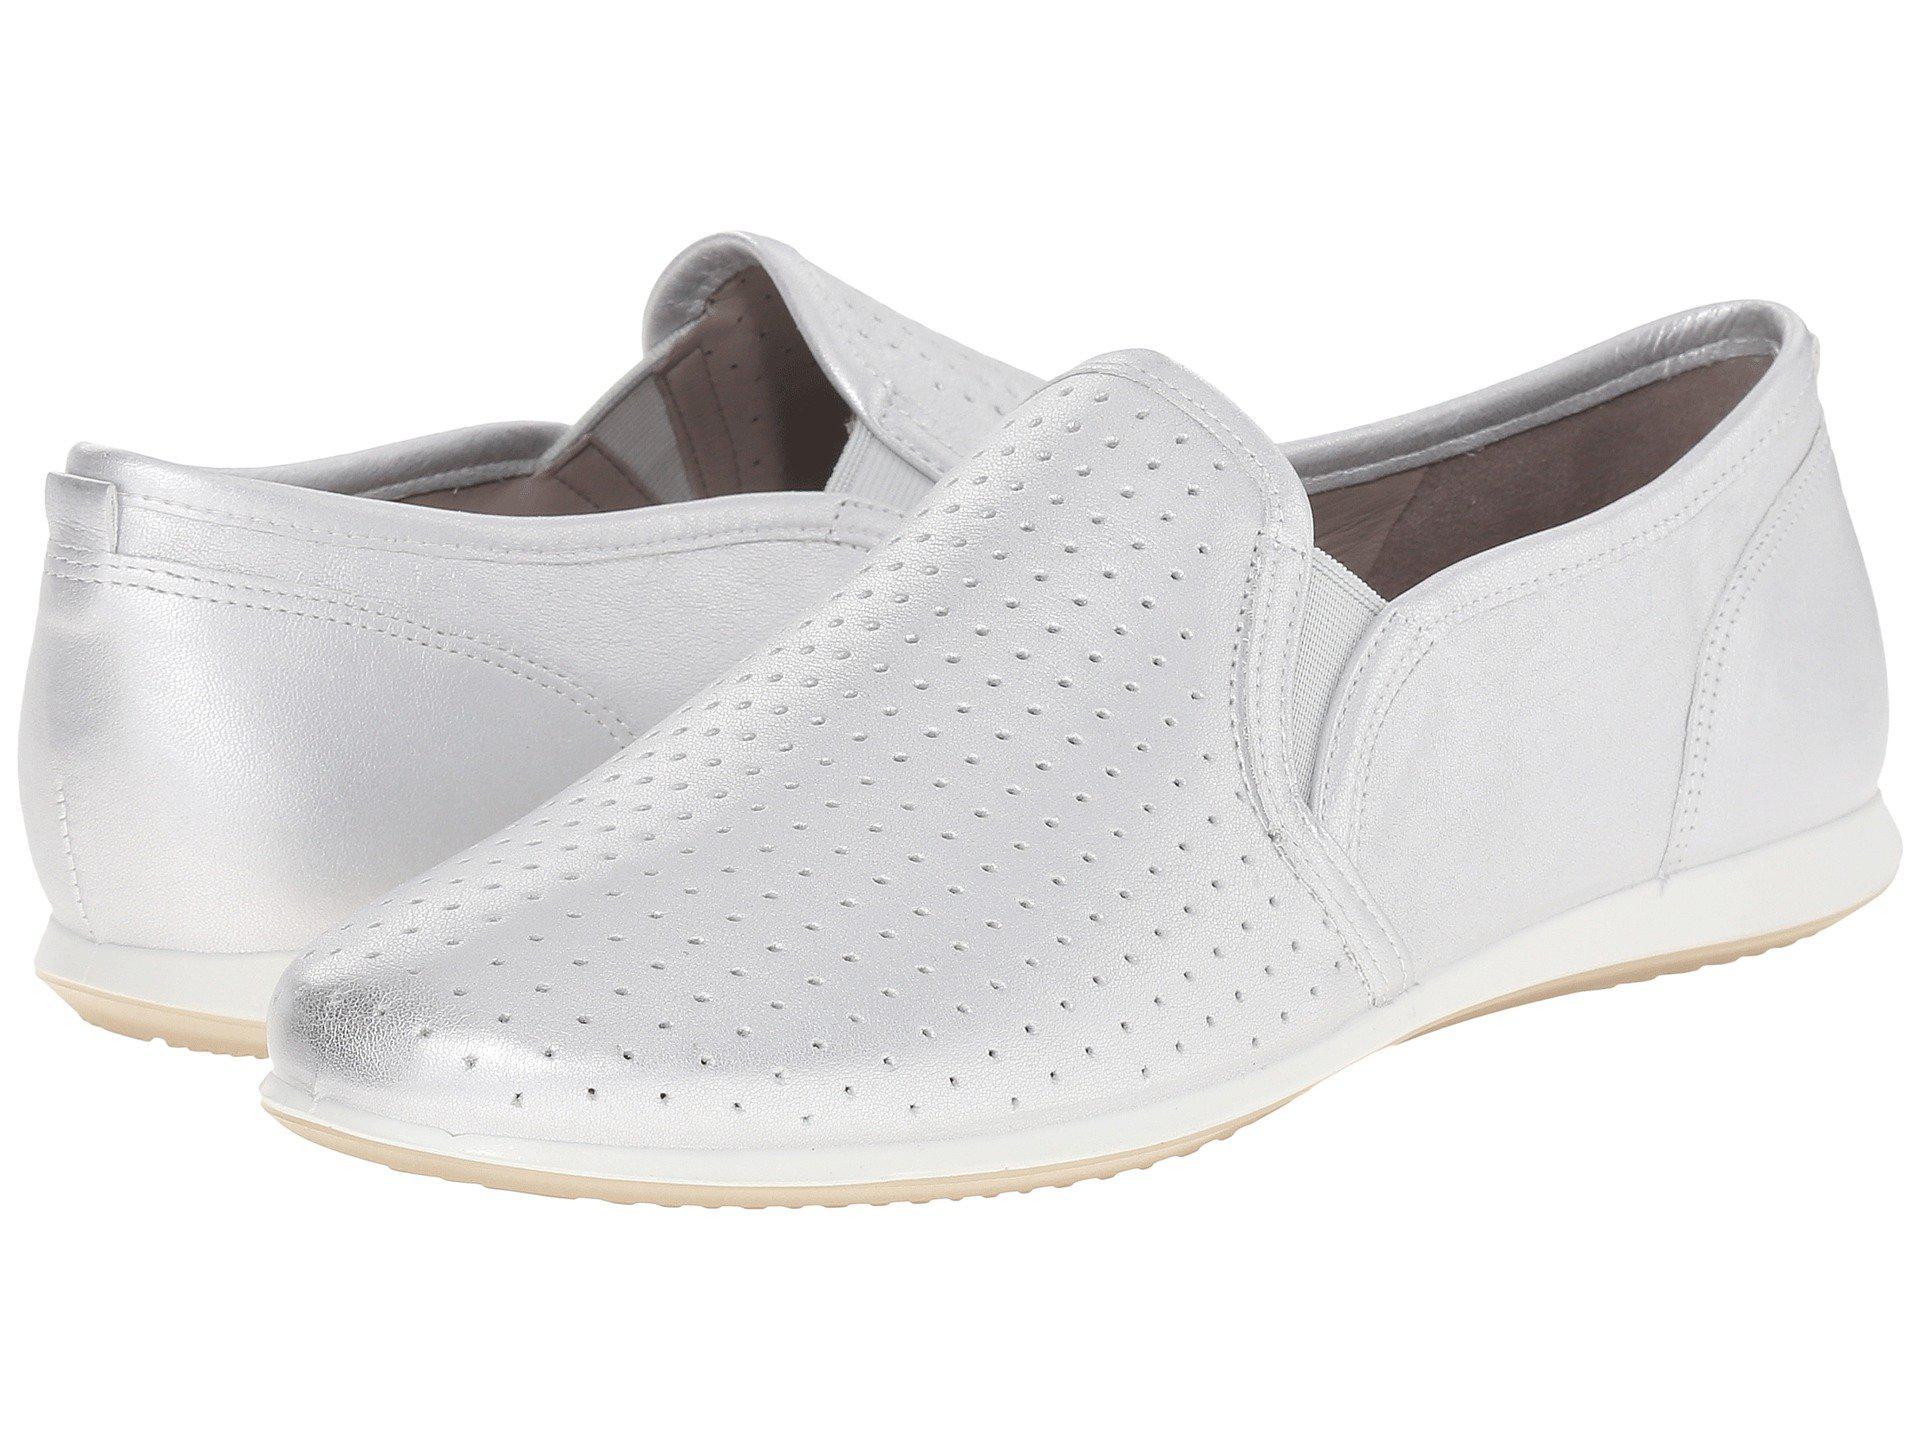 a21b83eb6f Women's Metallic Touch Sneaker Slip-on